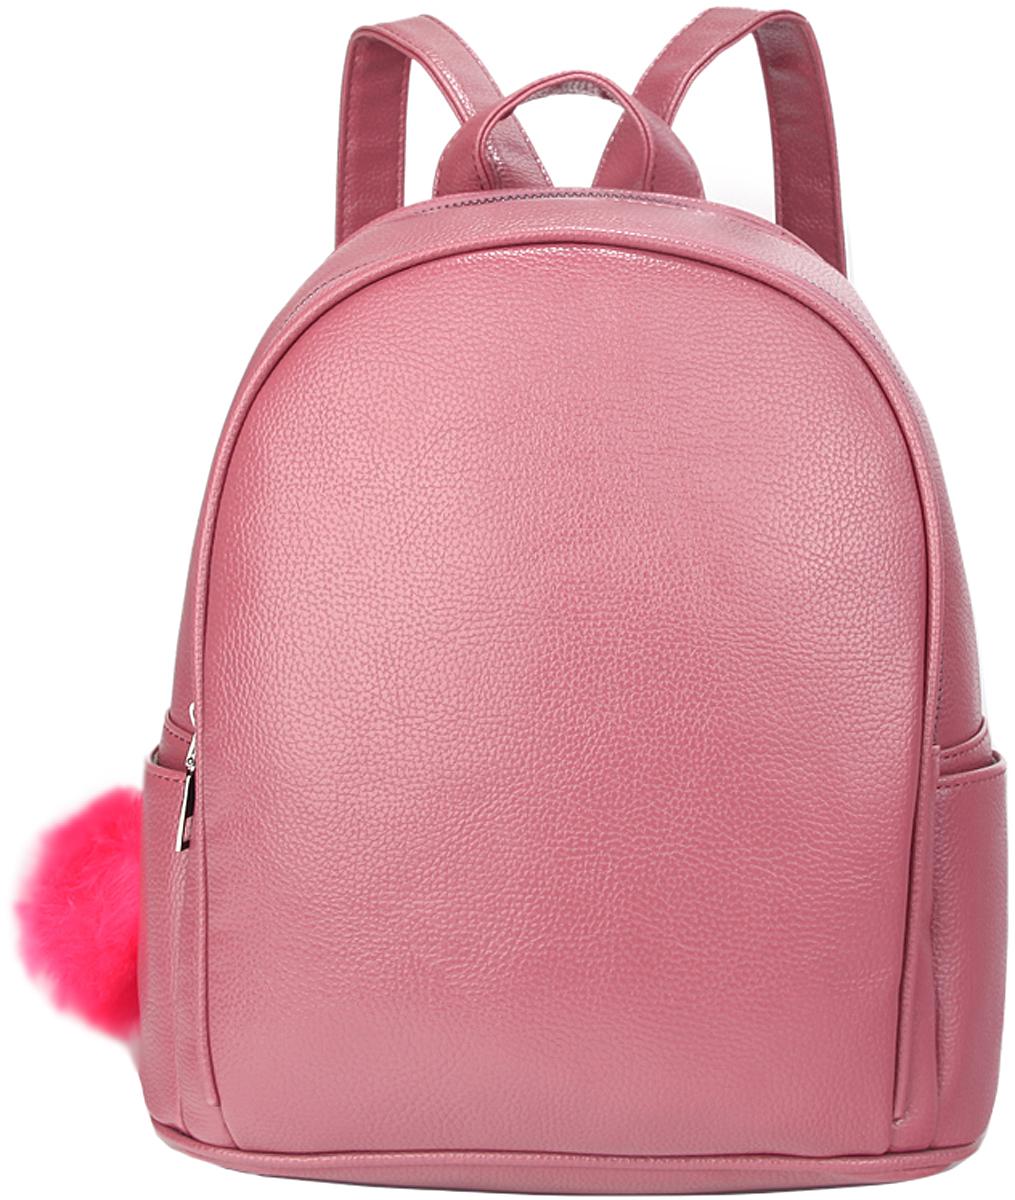 Сумка женская OrsOro, цвет: розовый. D-438/3579995-400Рюкзак с двуми отделениями, внутренний карман-перегородка на молнии, карман внутренний для телефона, 2 внешних боковых кармана, внешний карман на задней стенке.